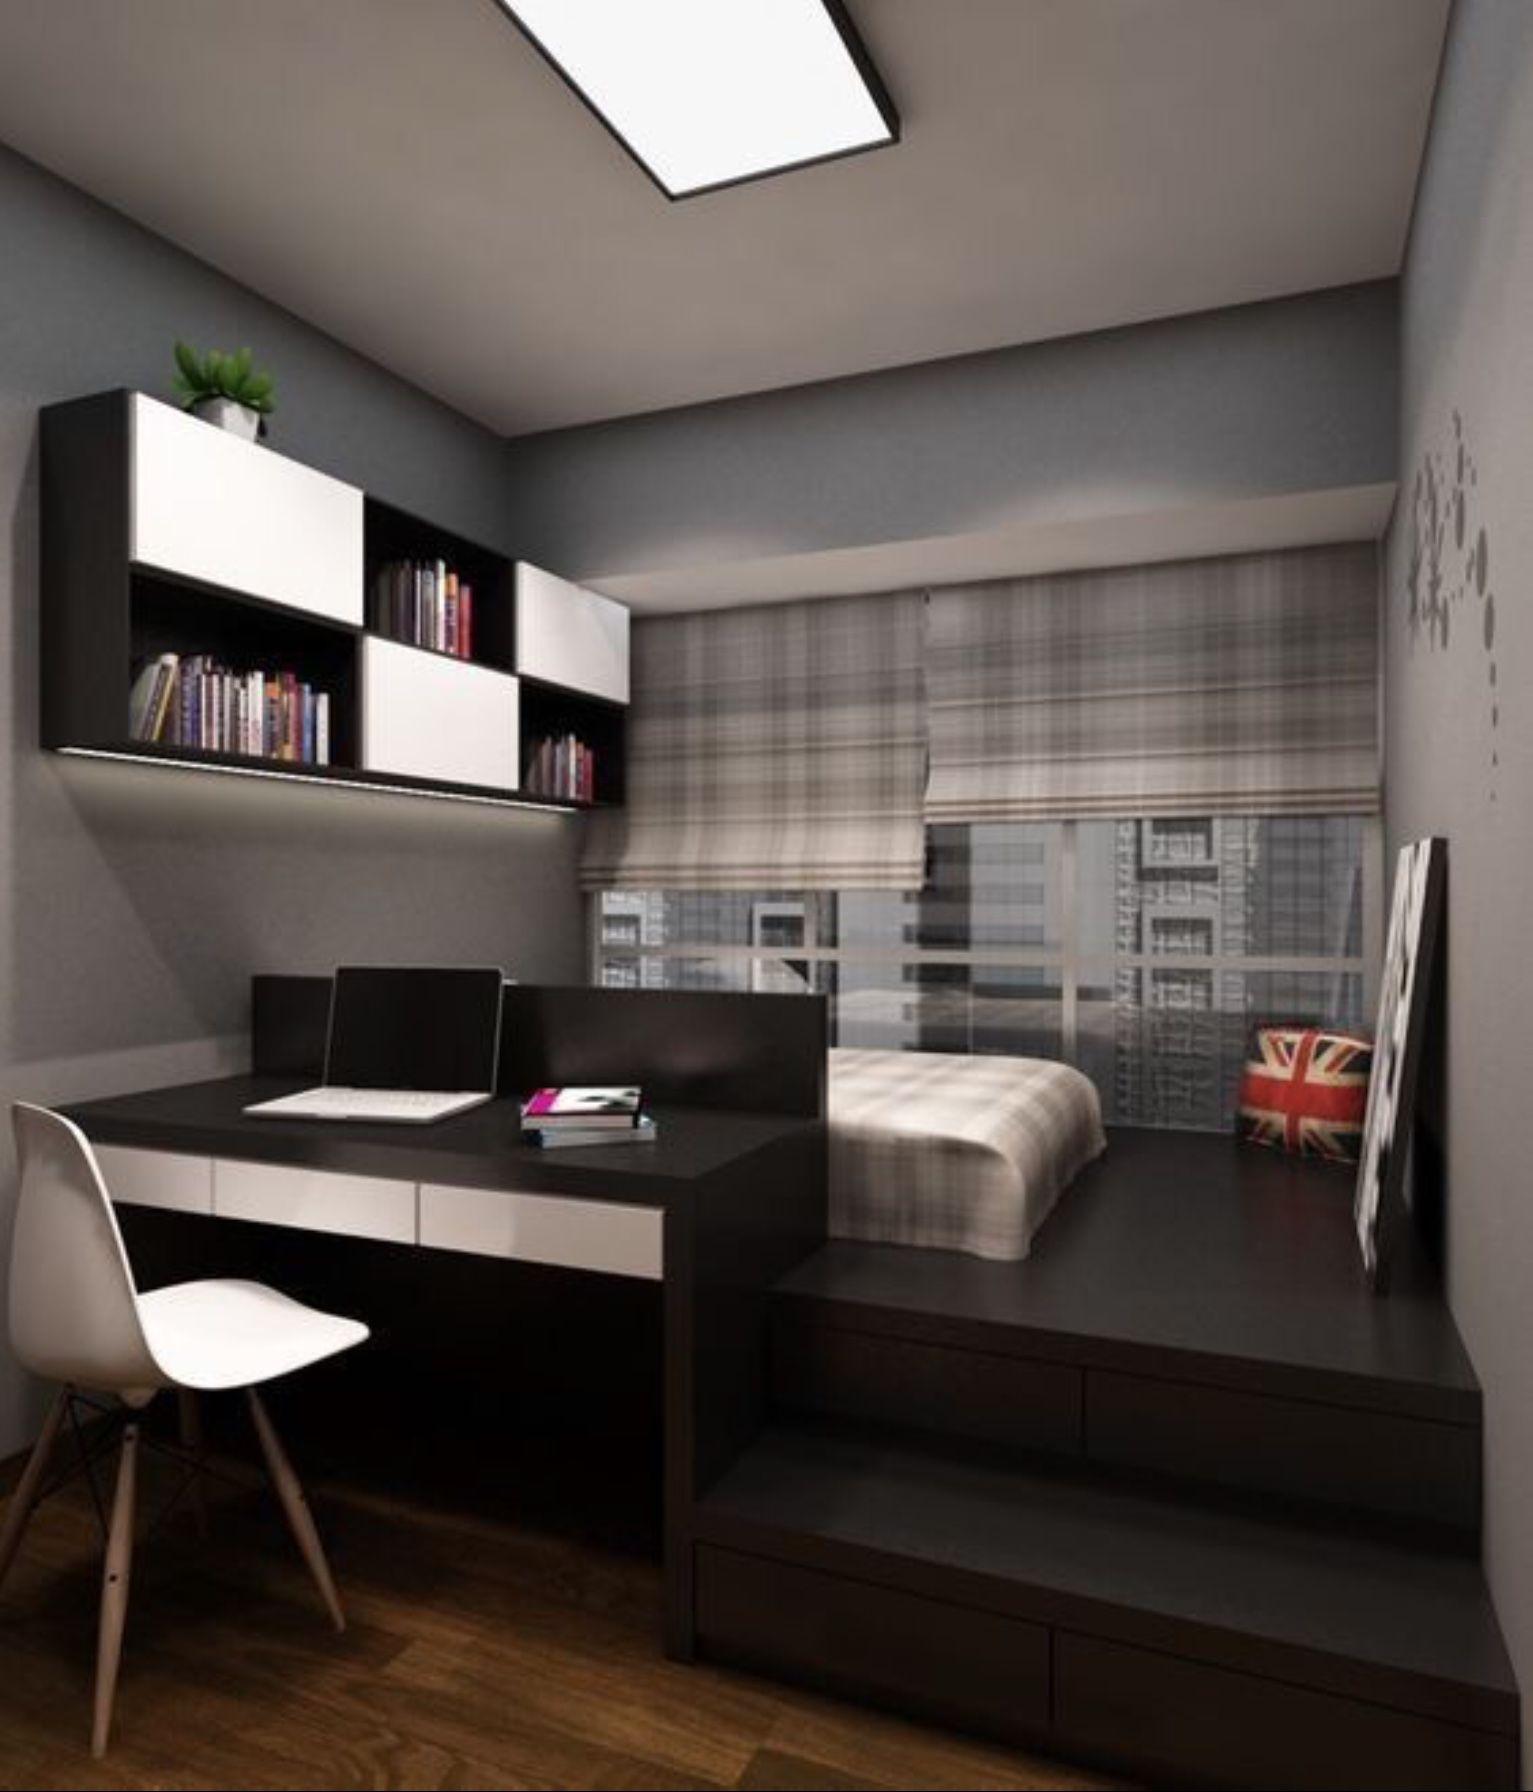 Bunk beds bedroom sets furniture kids ideas for design loft also cool room decor guys rh pinterest